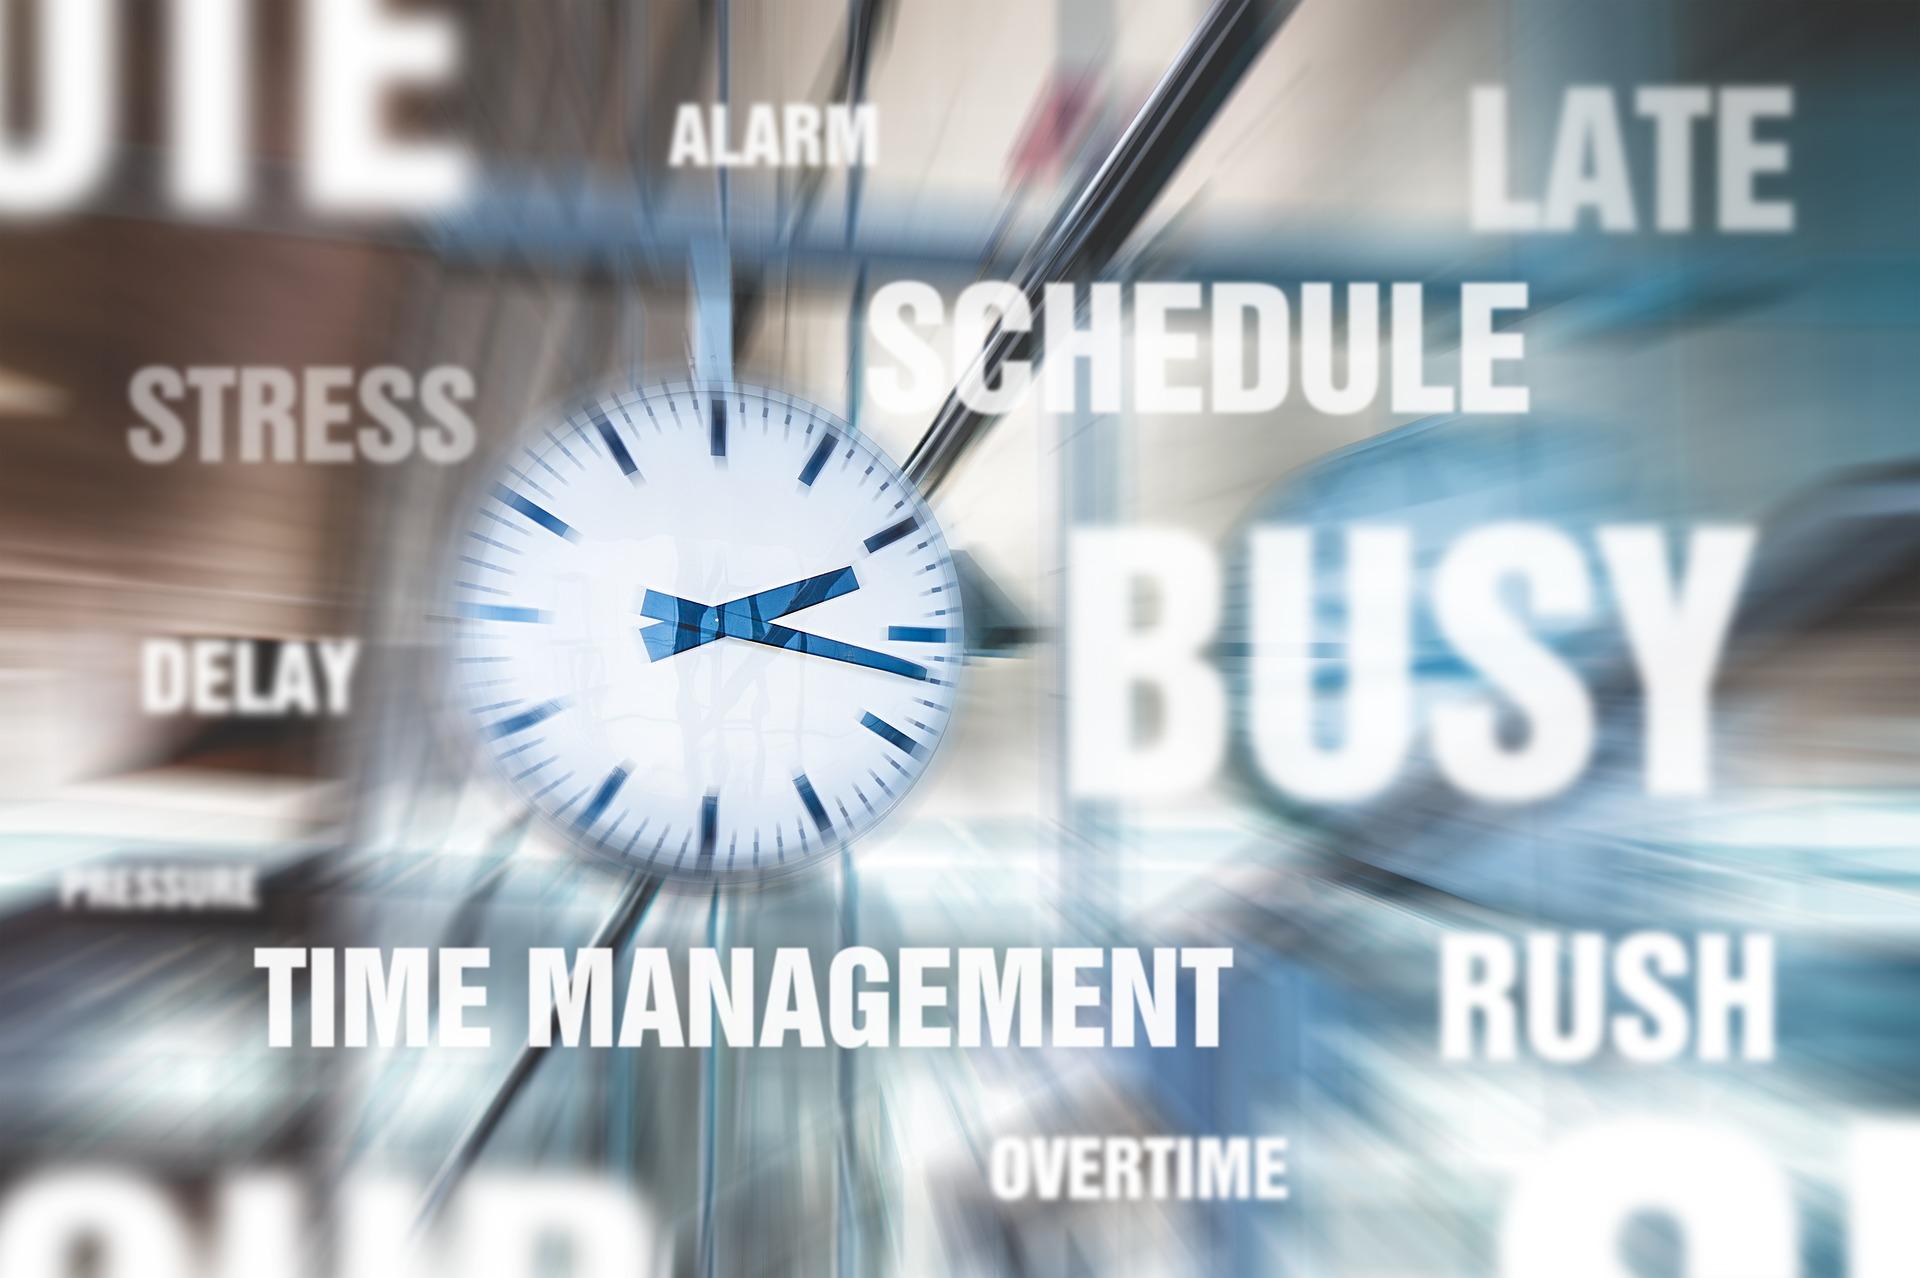 ניהול זמן למנהלים: מיקור חוץ שיחסוך לכם זמן